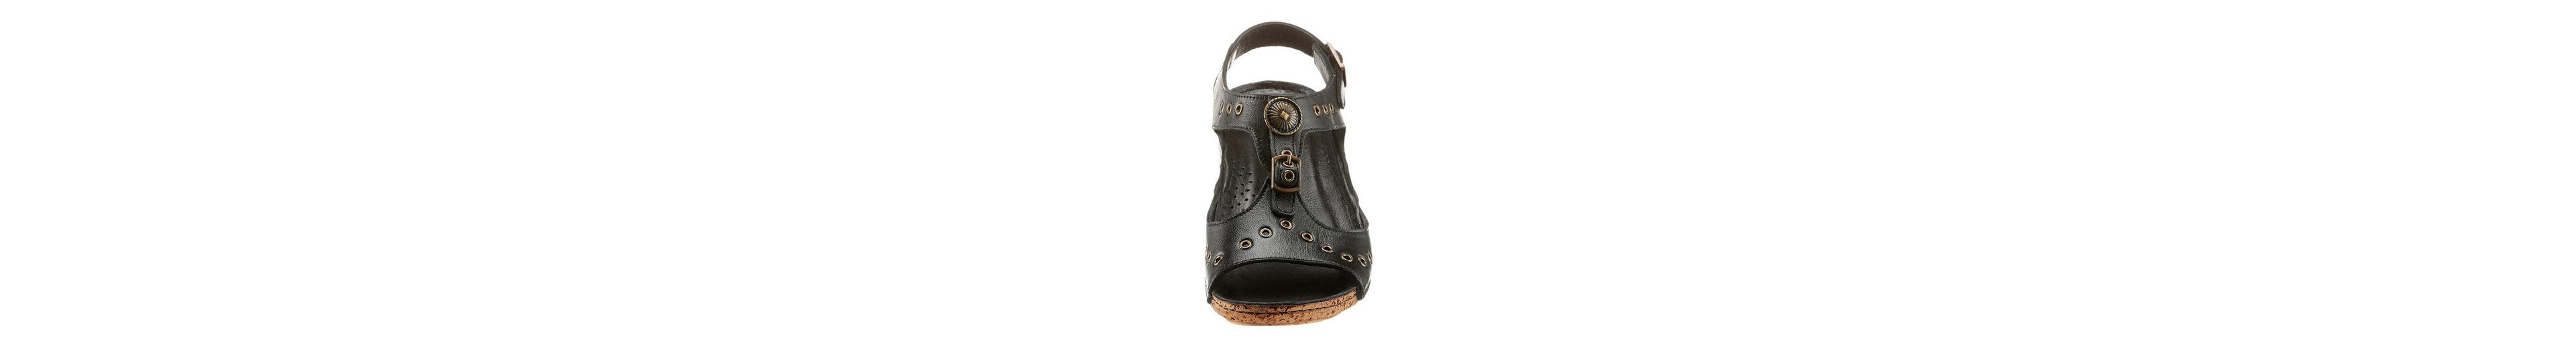 Steckdose Billig Verkauf Neueste Gemini Sandalette mit Ziernieten und Zierknöpfen 2018 Zum Verkauf Kosten Günstig Online PinrJo6Dy